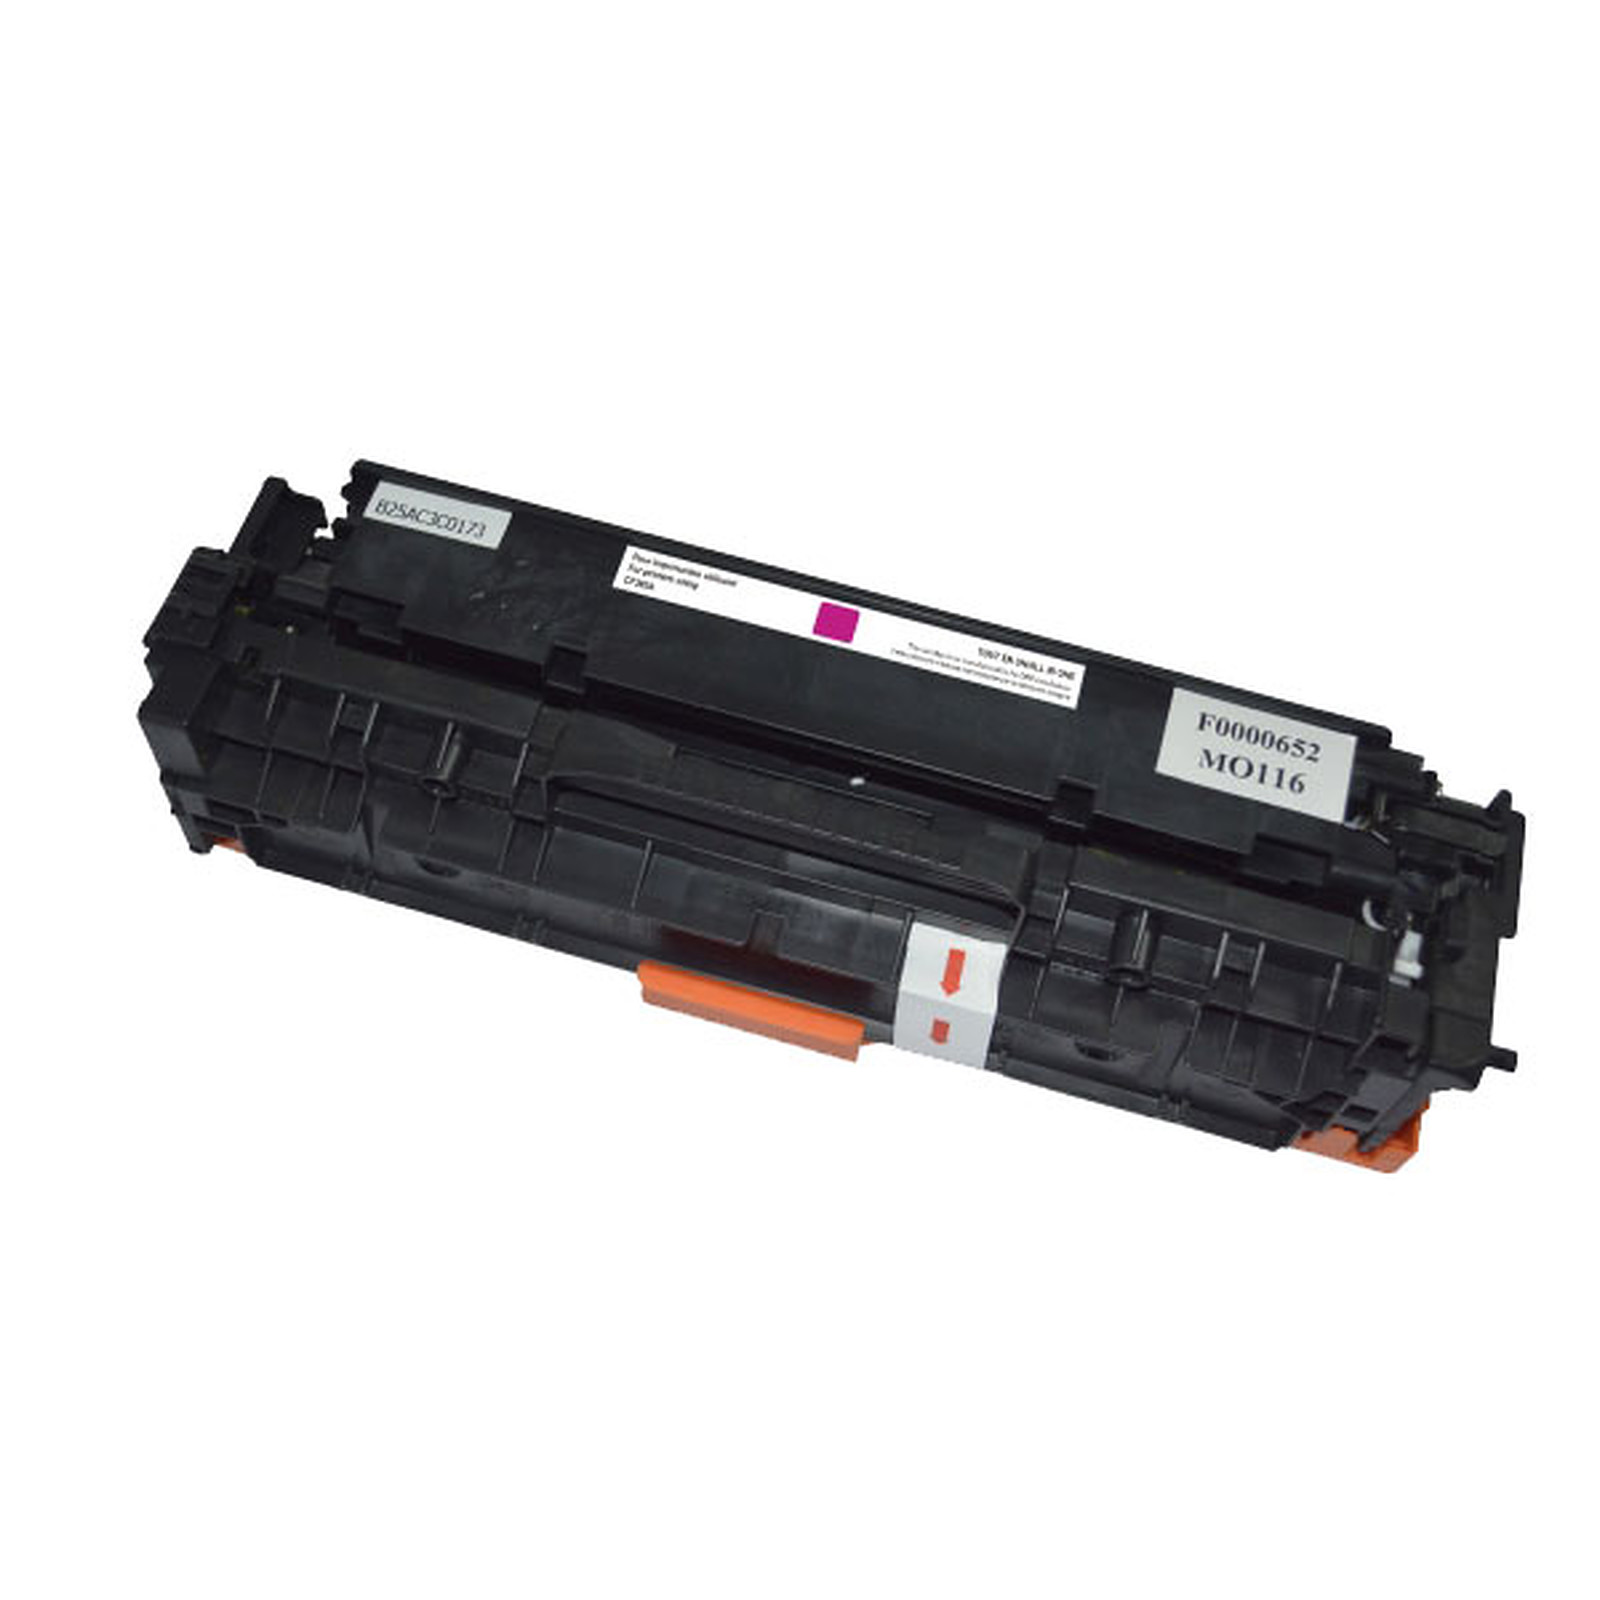 Toner compatible HP CF383A (Magenta)